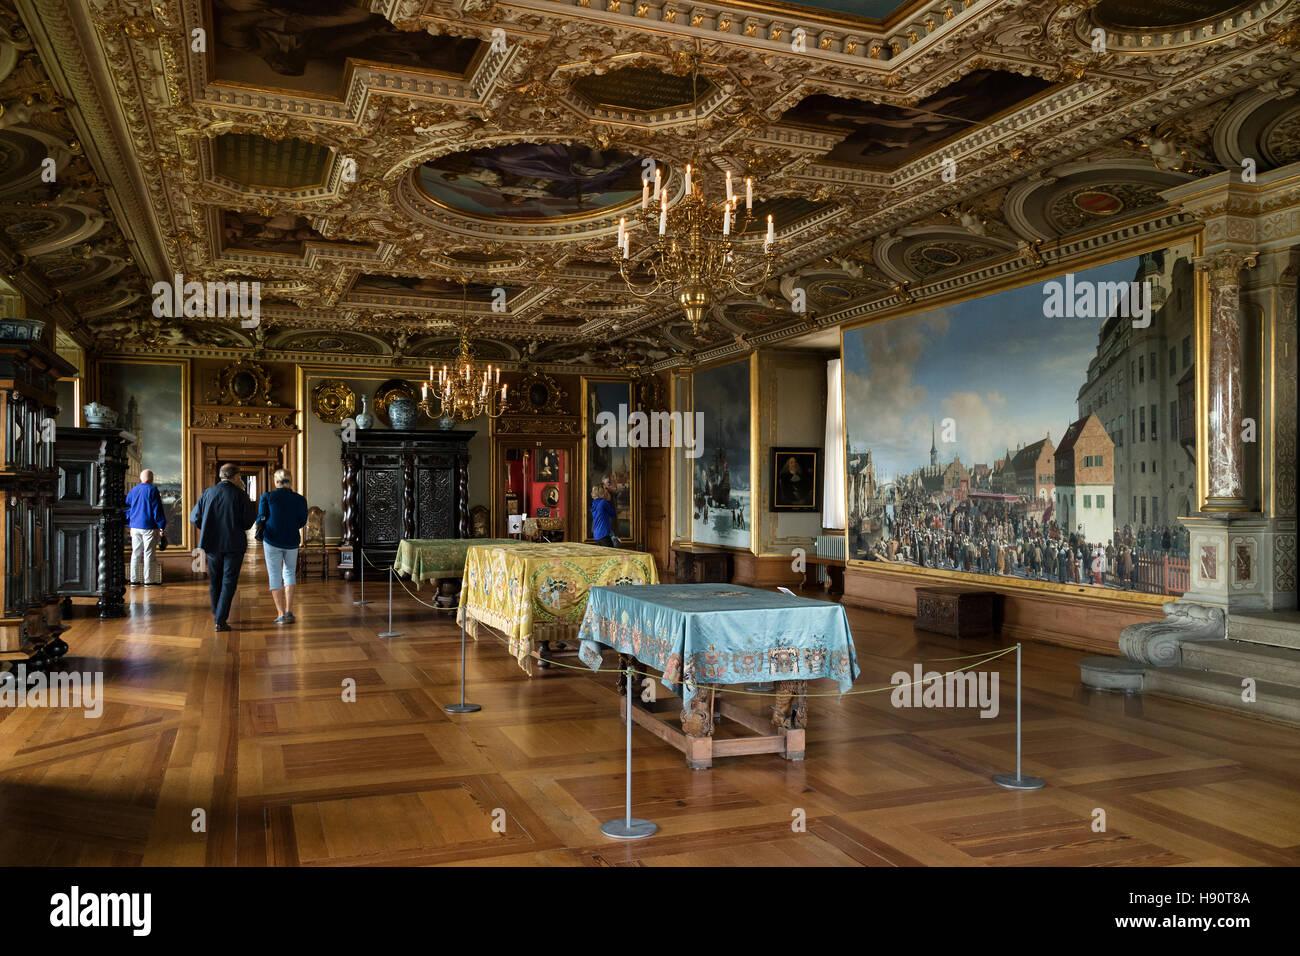 Soffitto decorato in Castello Frederiksborg in Hillerod, Danimarca Immagini Stock